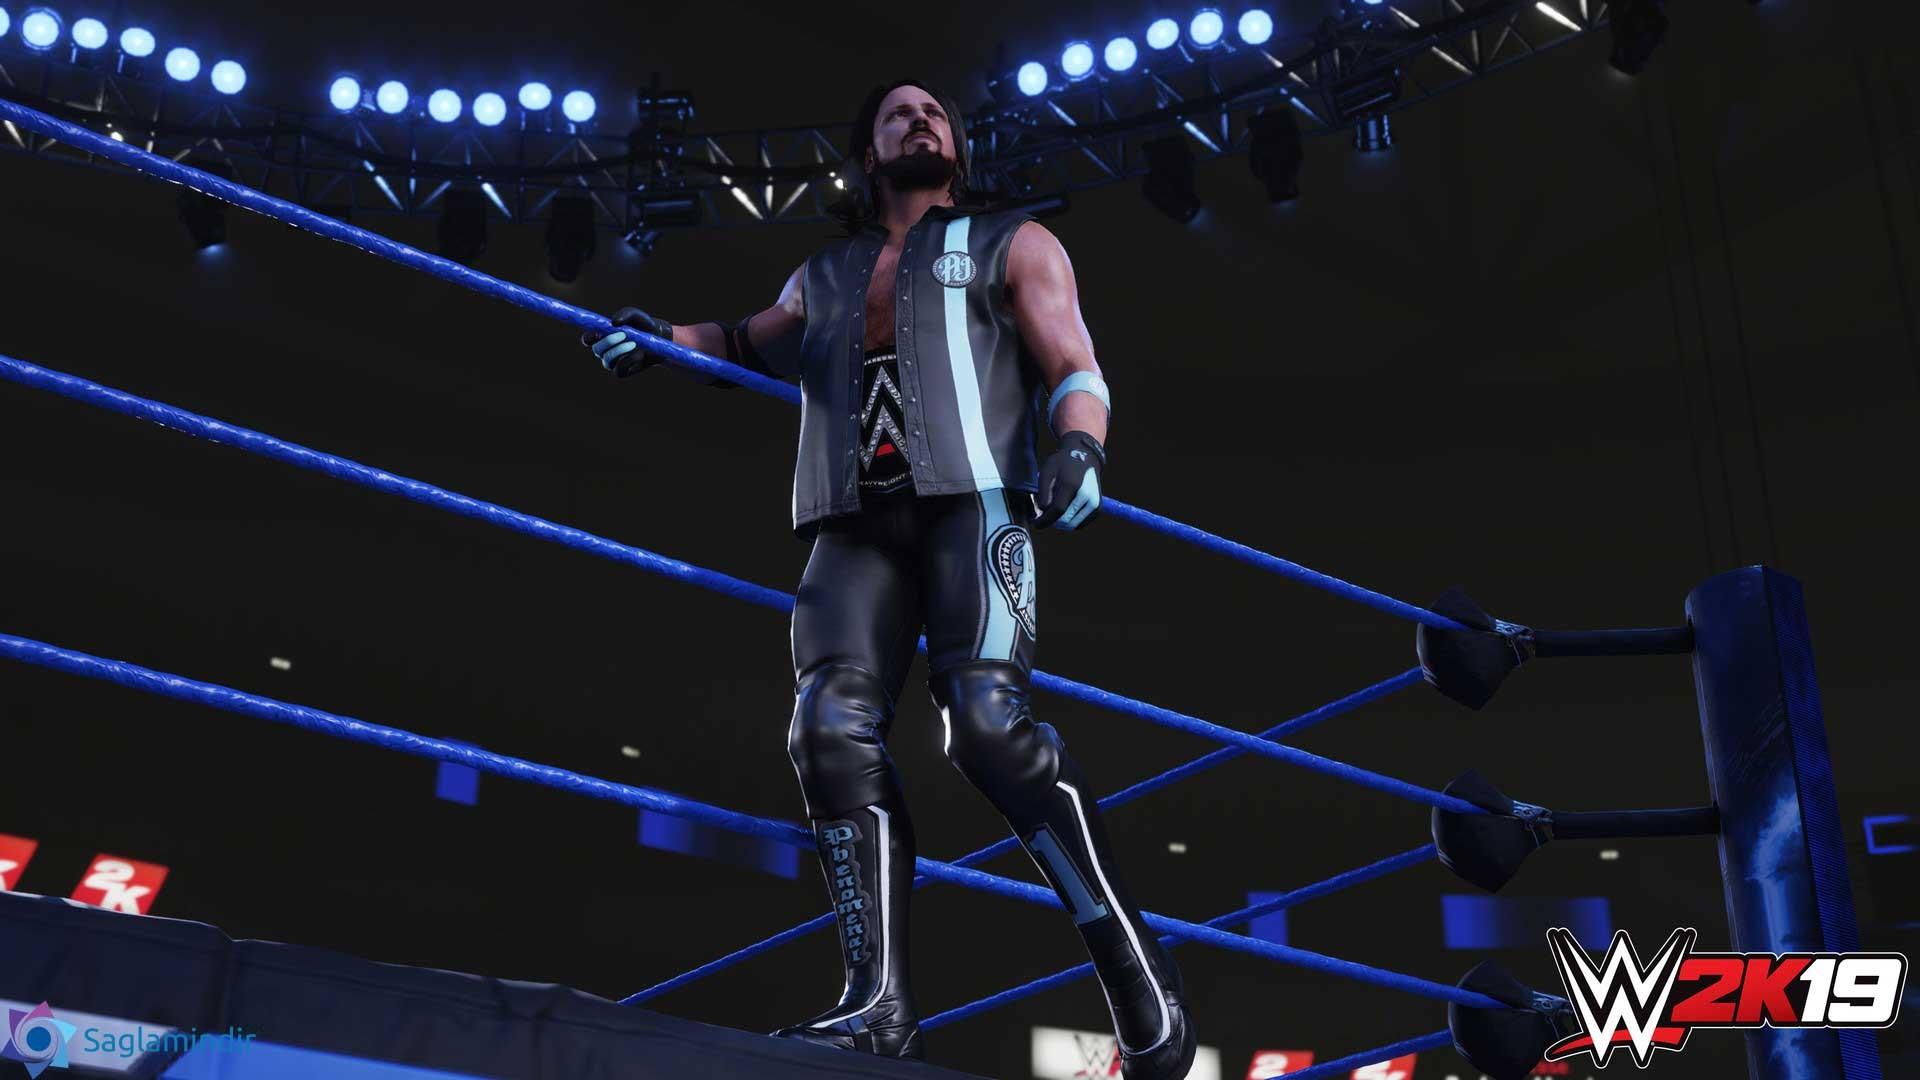 WWE 2K19 saglamindir